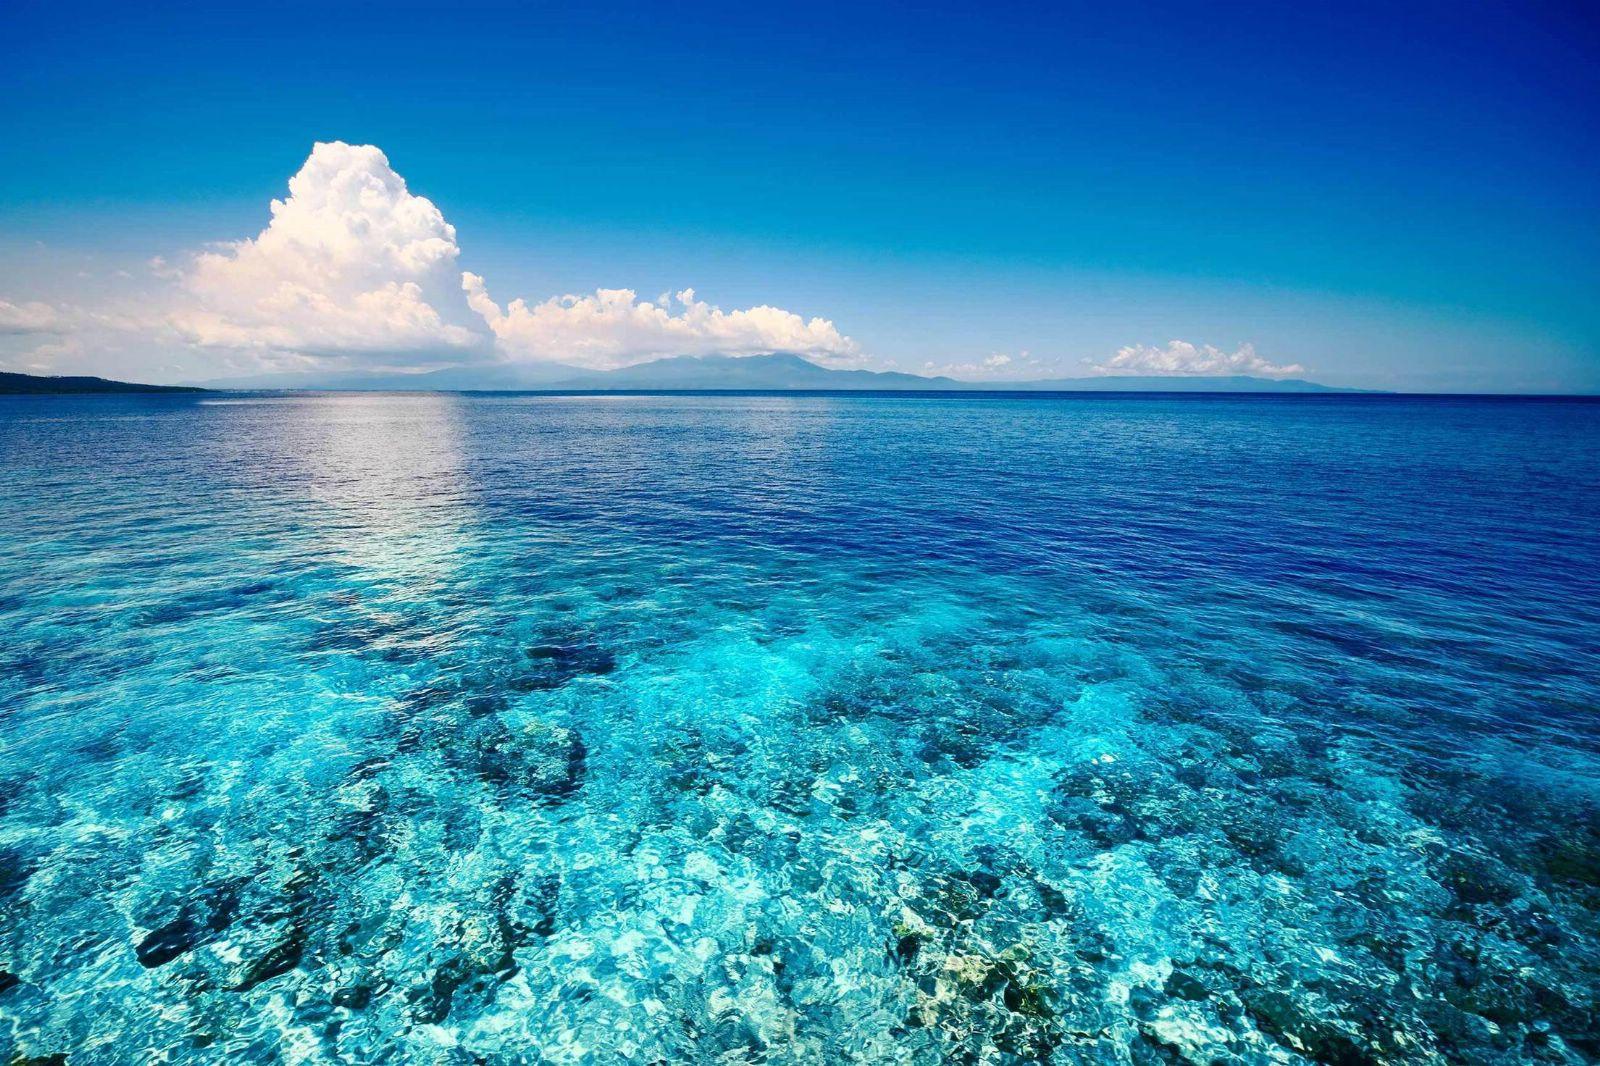 Вчені вважають, що Світовий океан можна відновити за 30 років - Світовий океан, океан, Вода - 03 okean